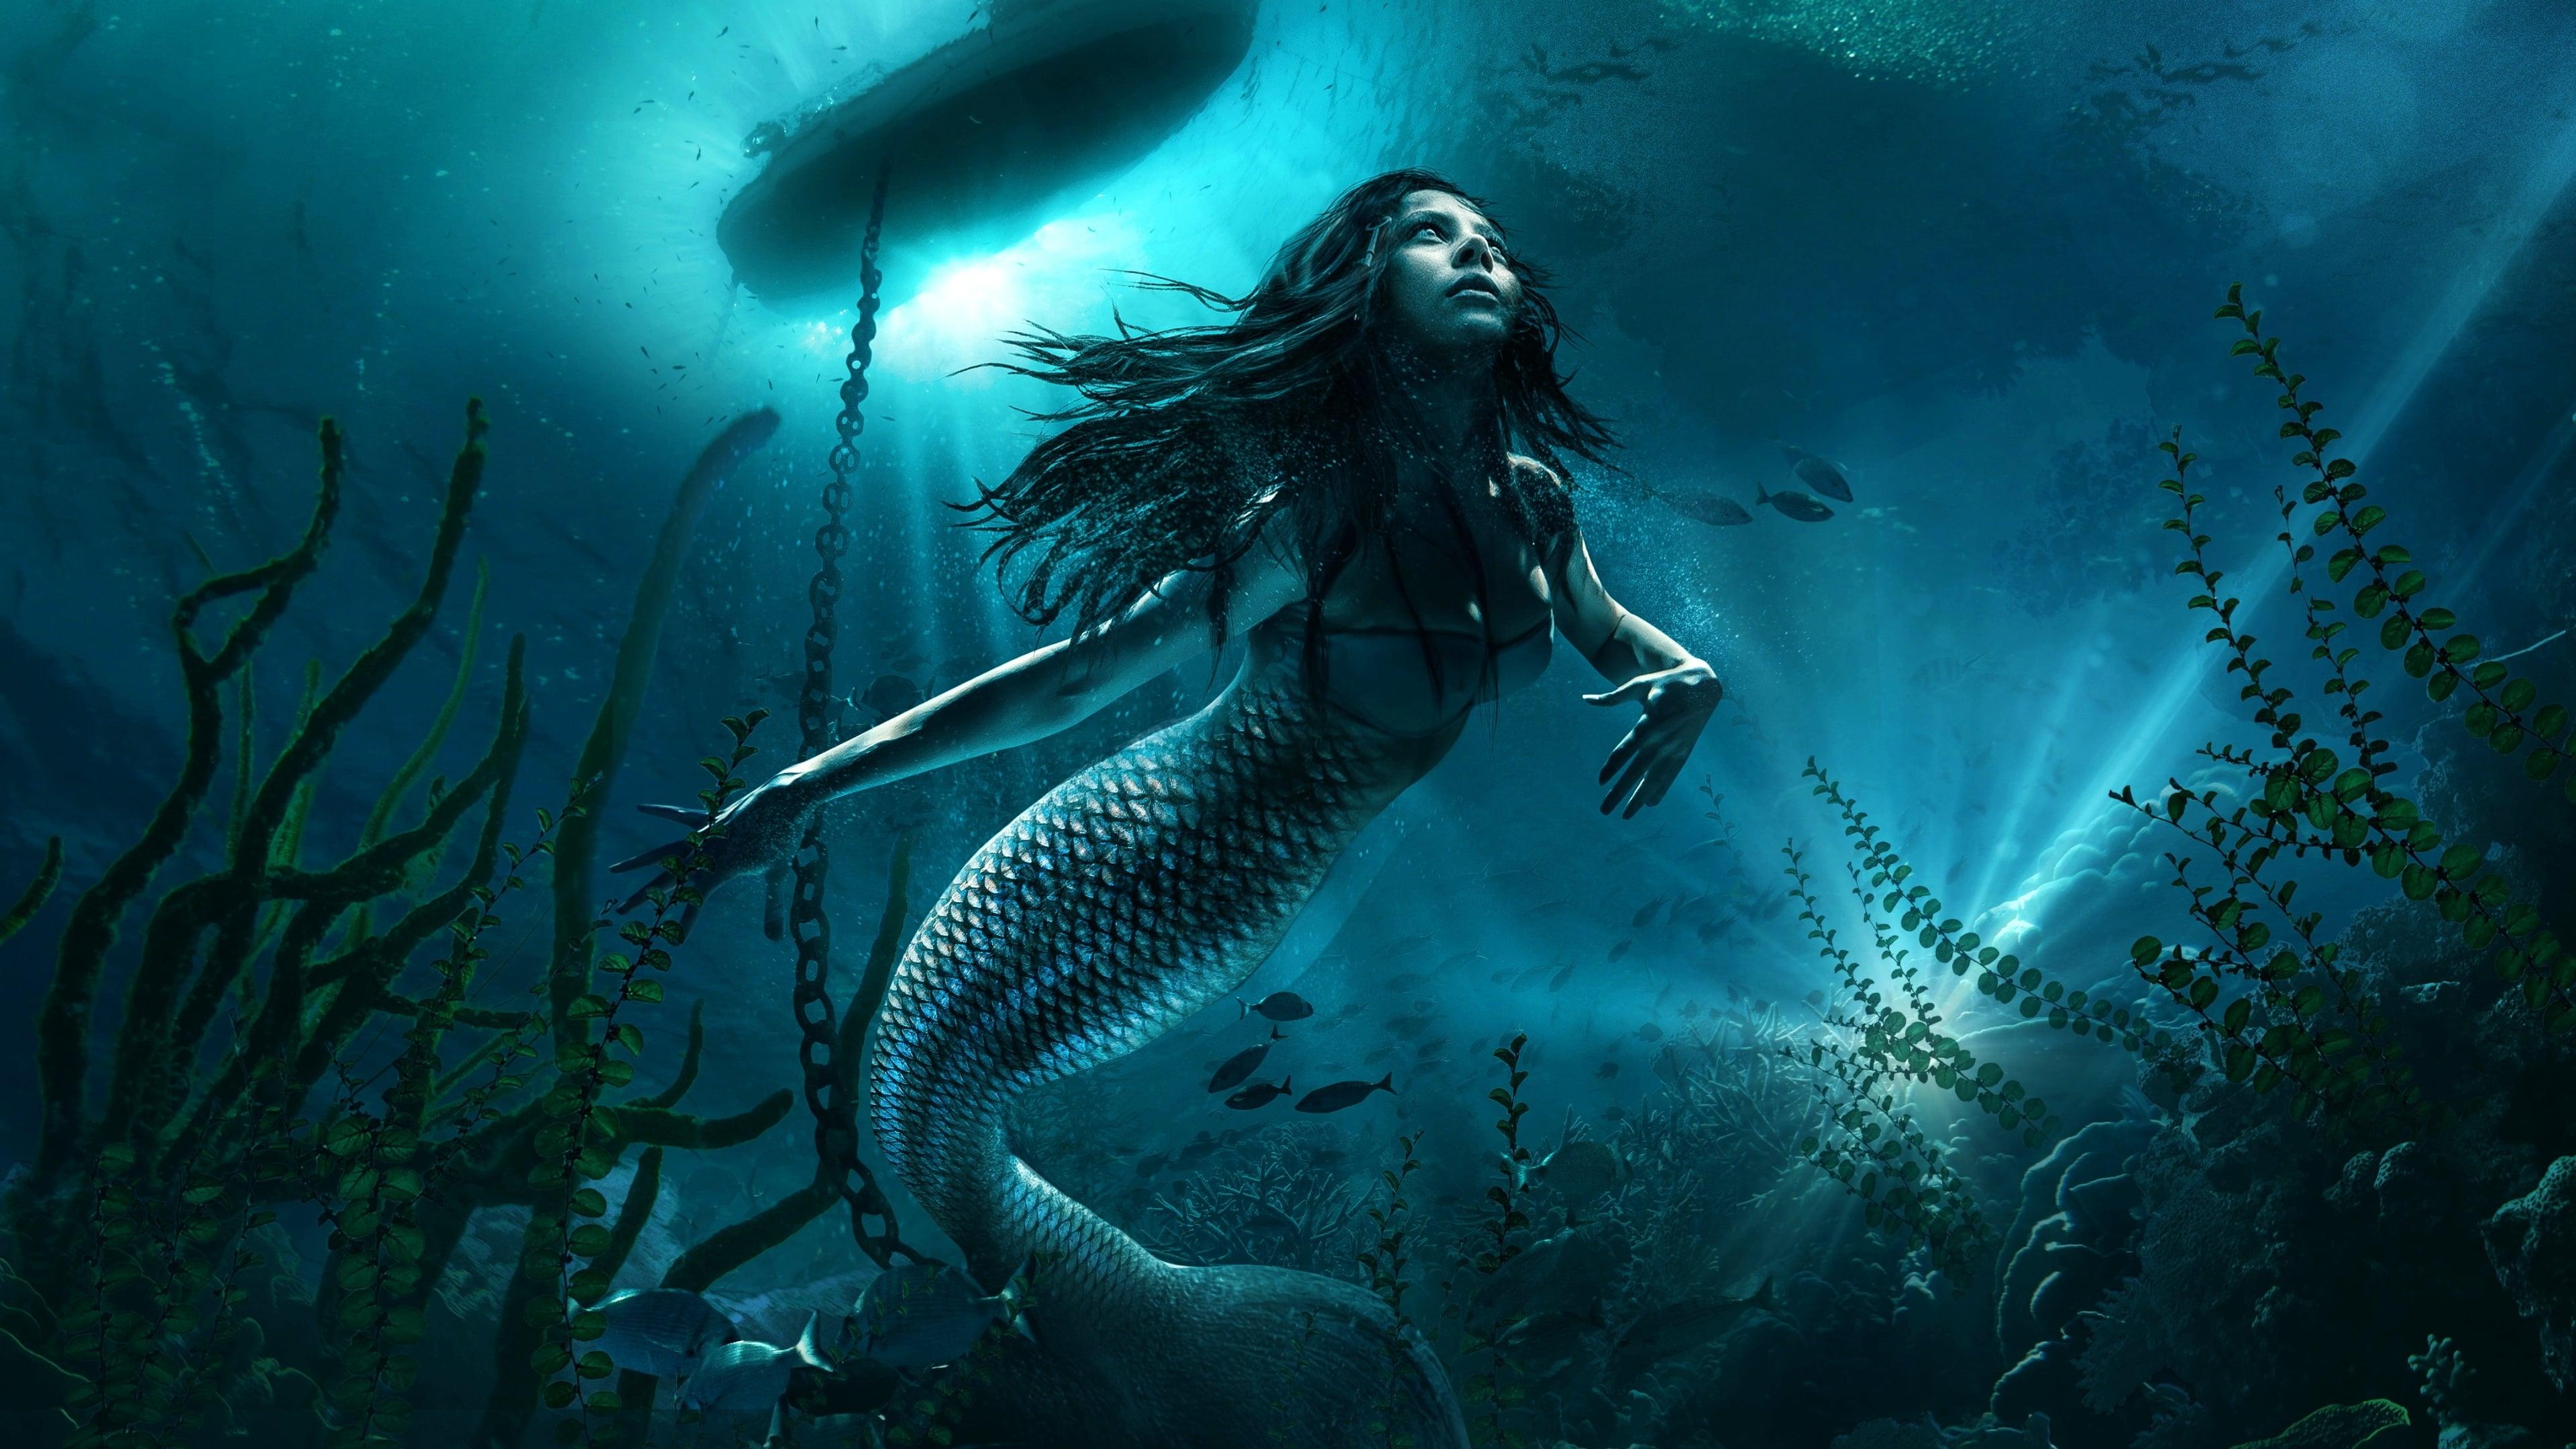 VER La Maldición de la Sirena (2019) pelicula completa en español latino HD